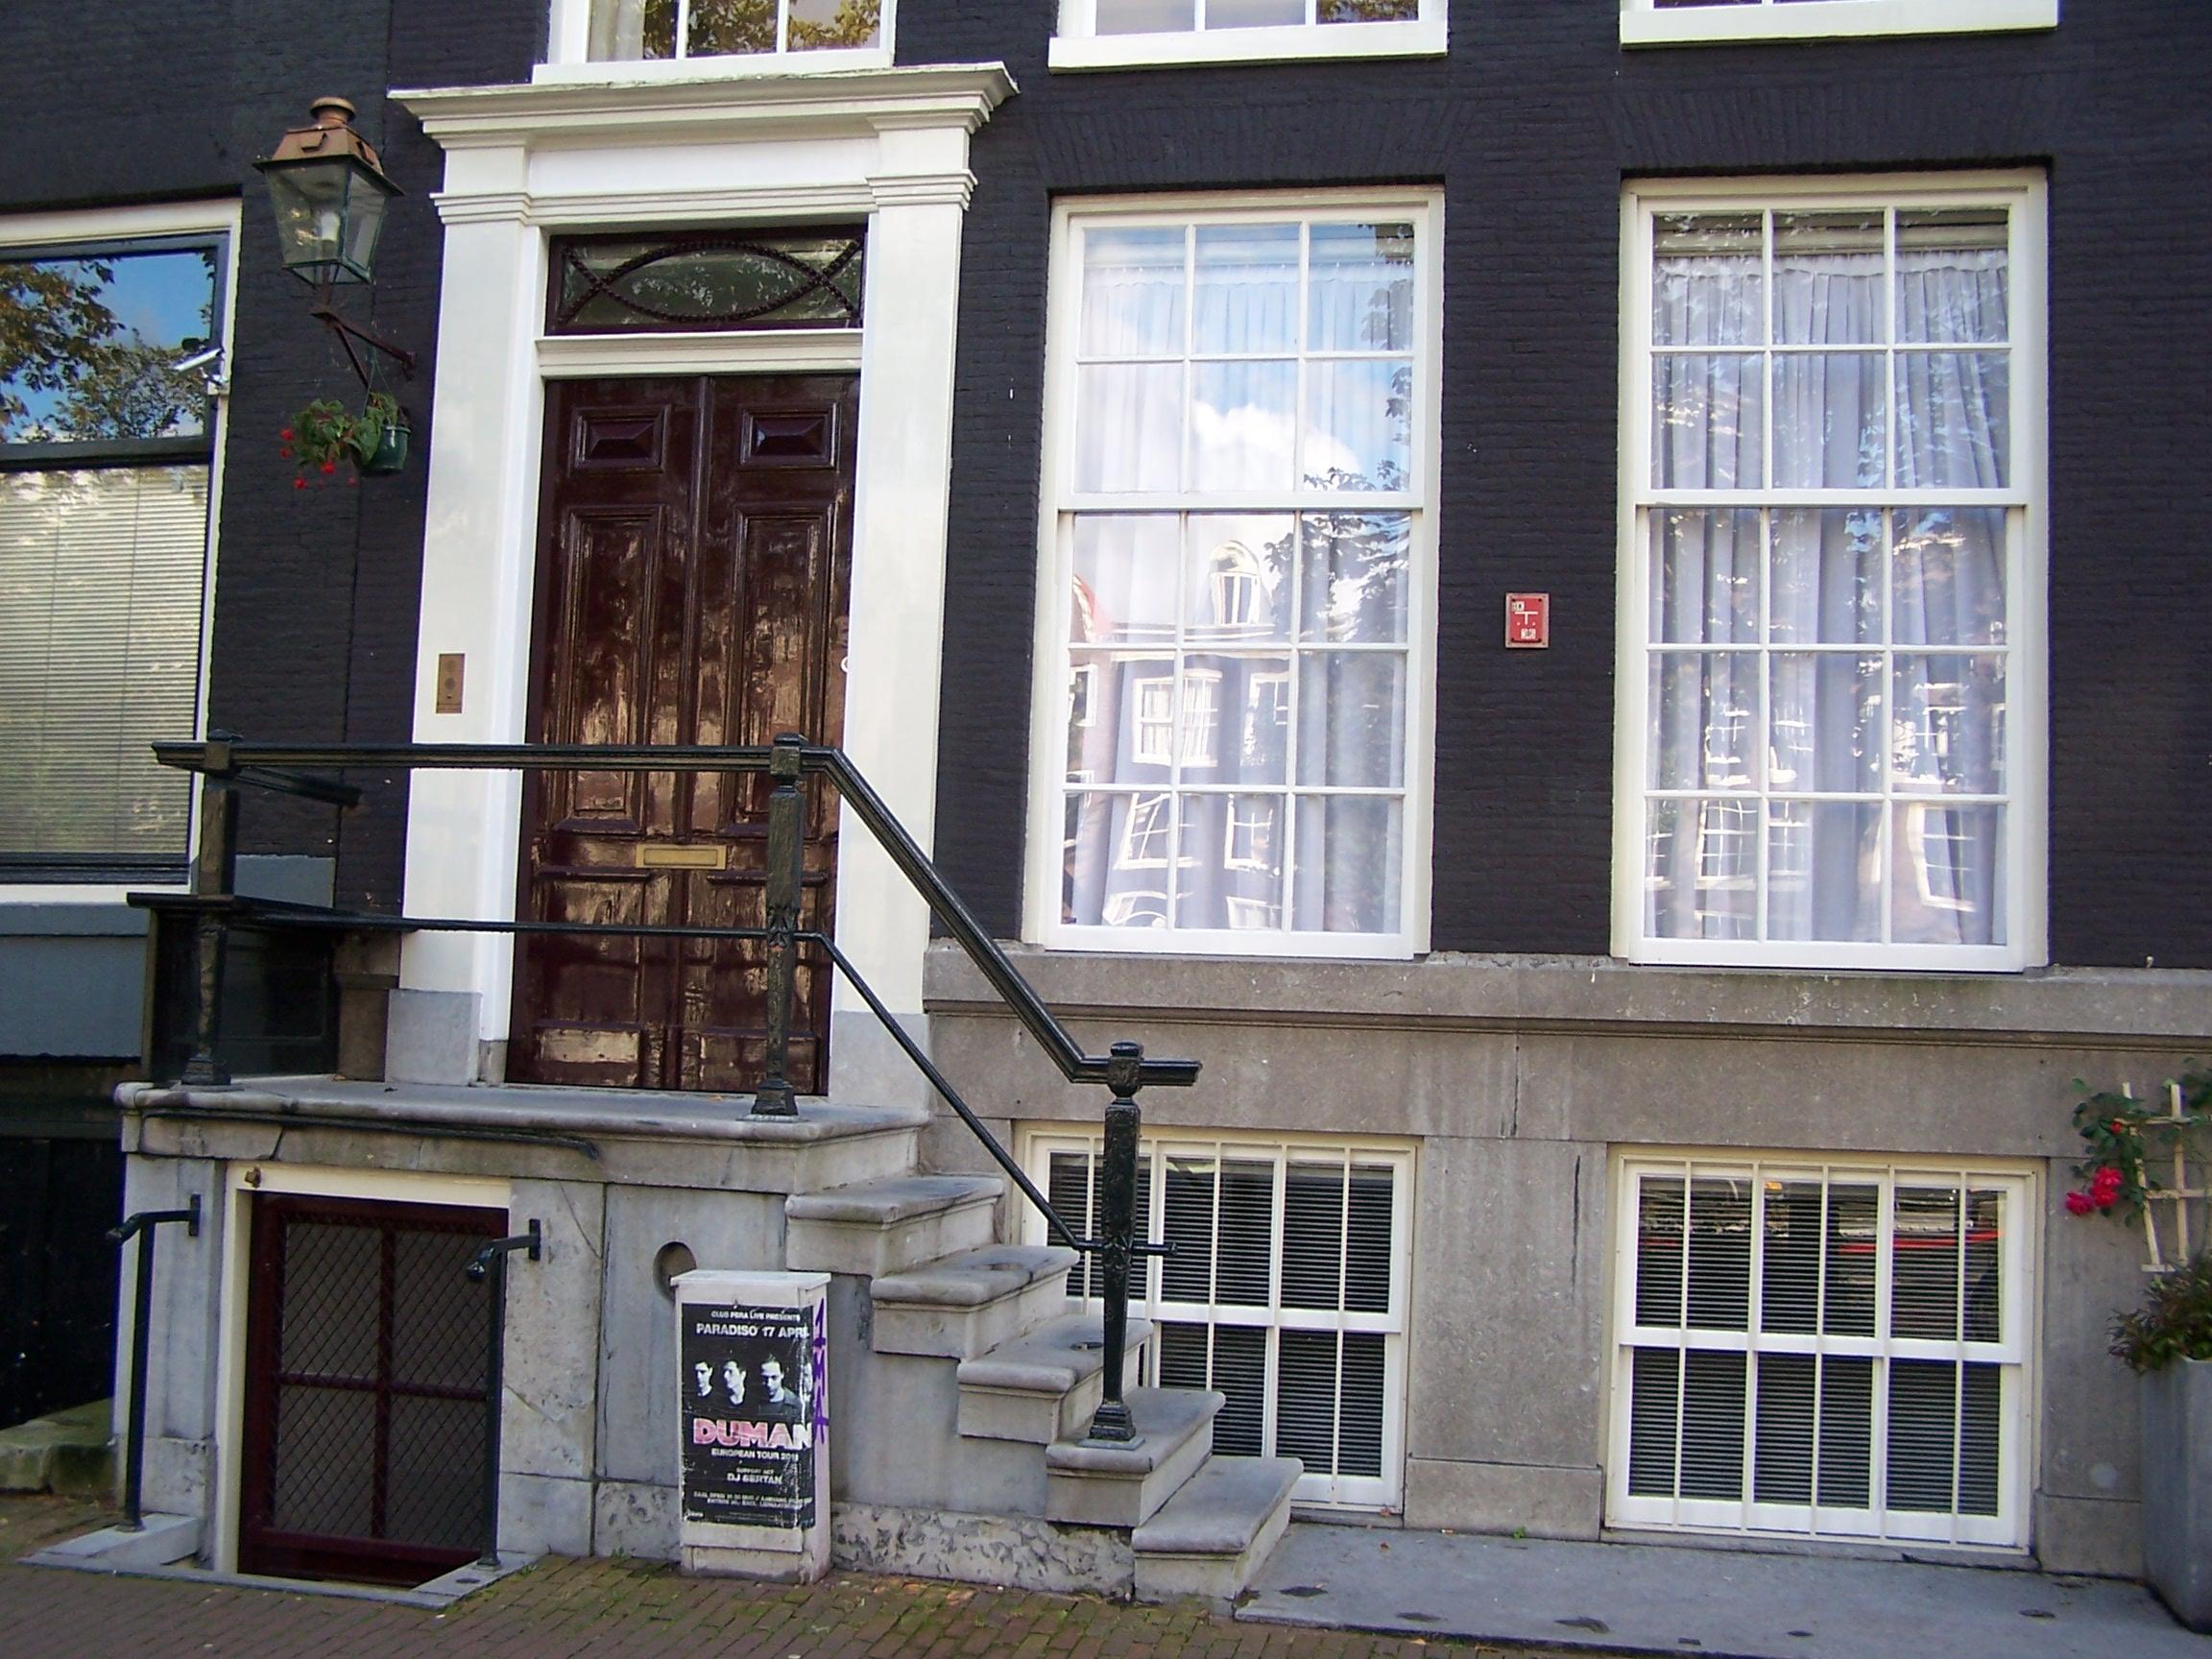 Huis met gevel met rechte lijst en deurpartij in amsterdam for Lijst inrichting huis